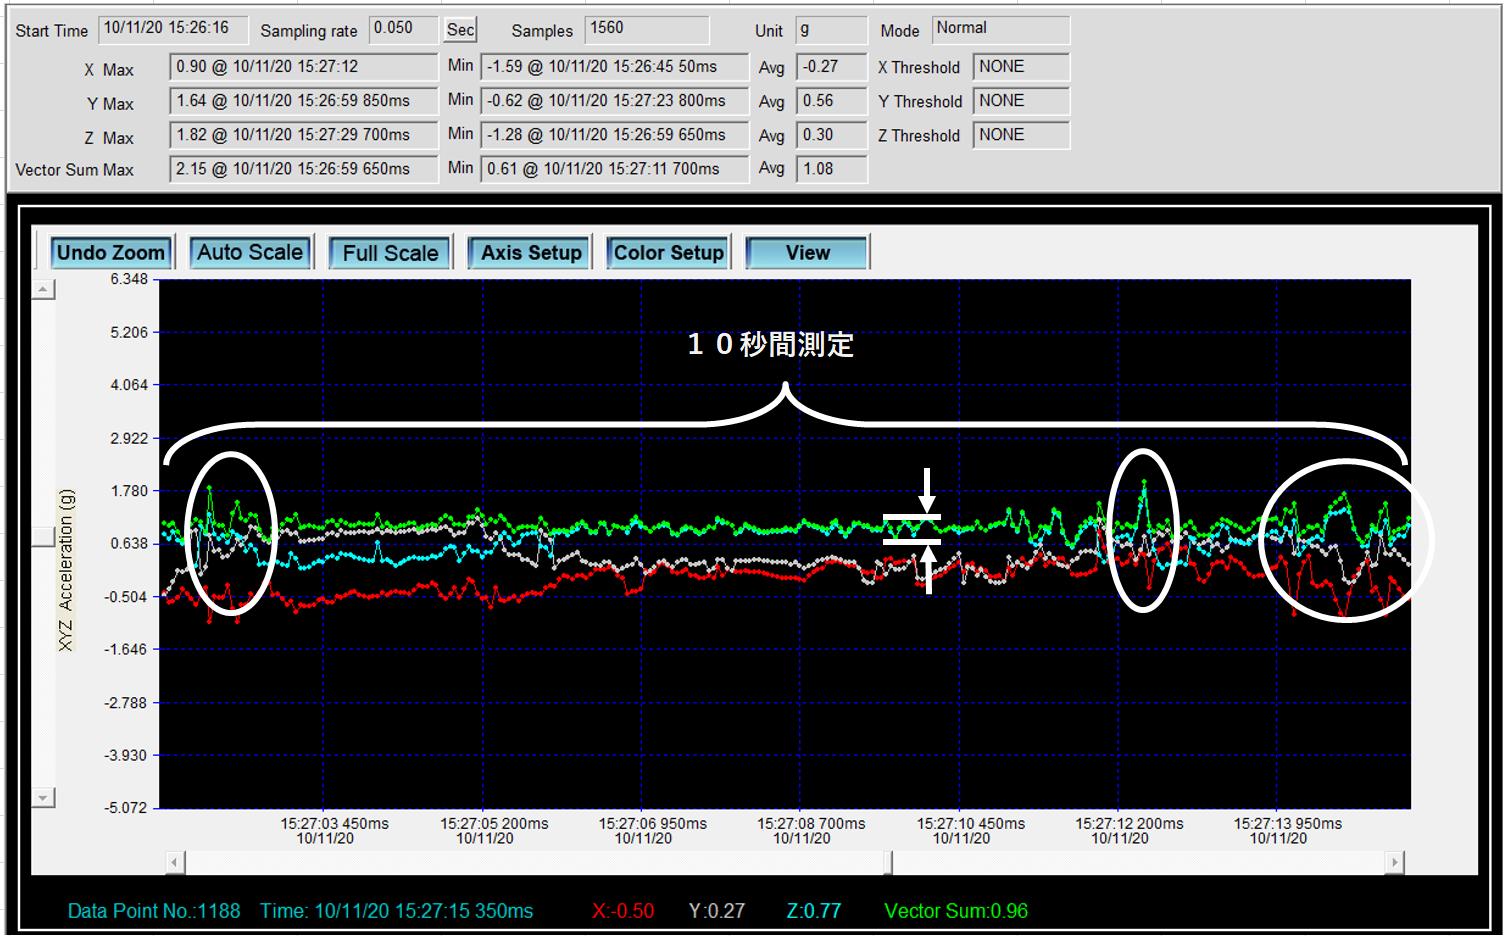 エアバギー(エアタイヤ)のアスファルトでの走行時の衝撃、振動数値データ